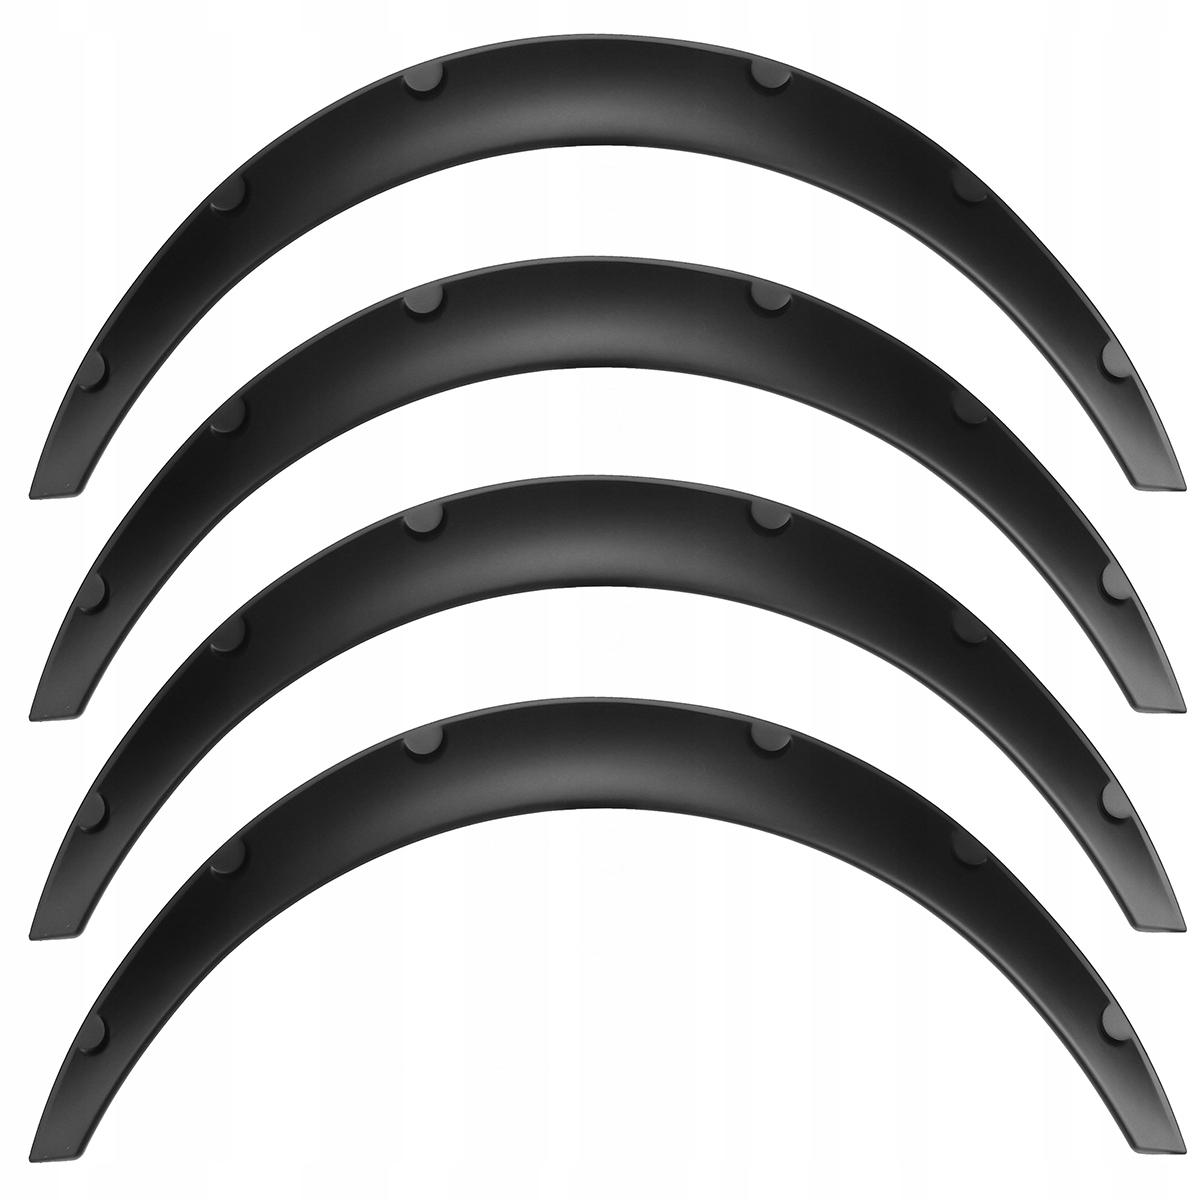 4x накладки защитные колесных арок расширения крыльев